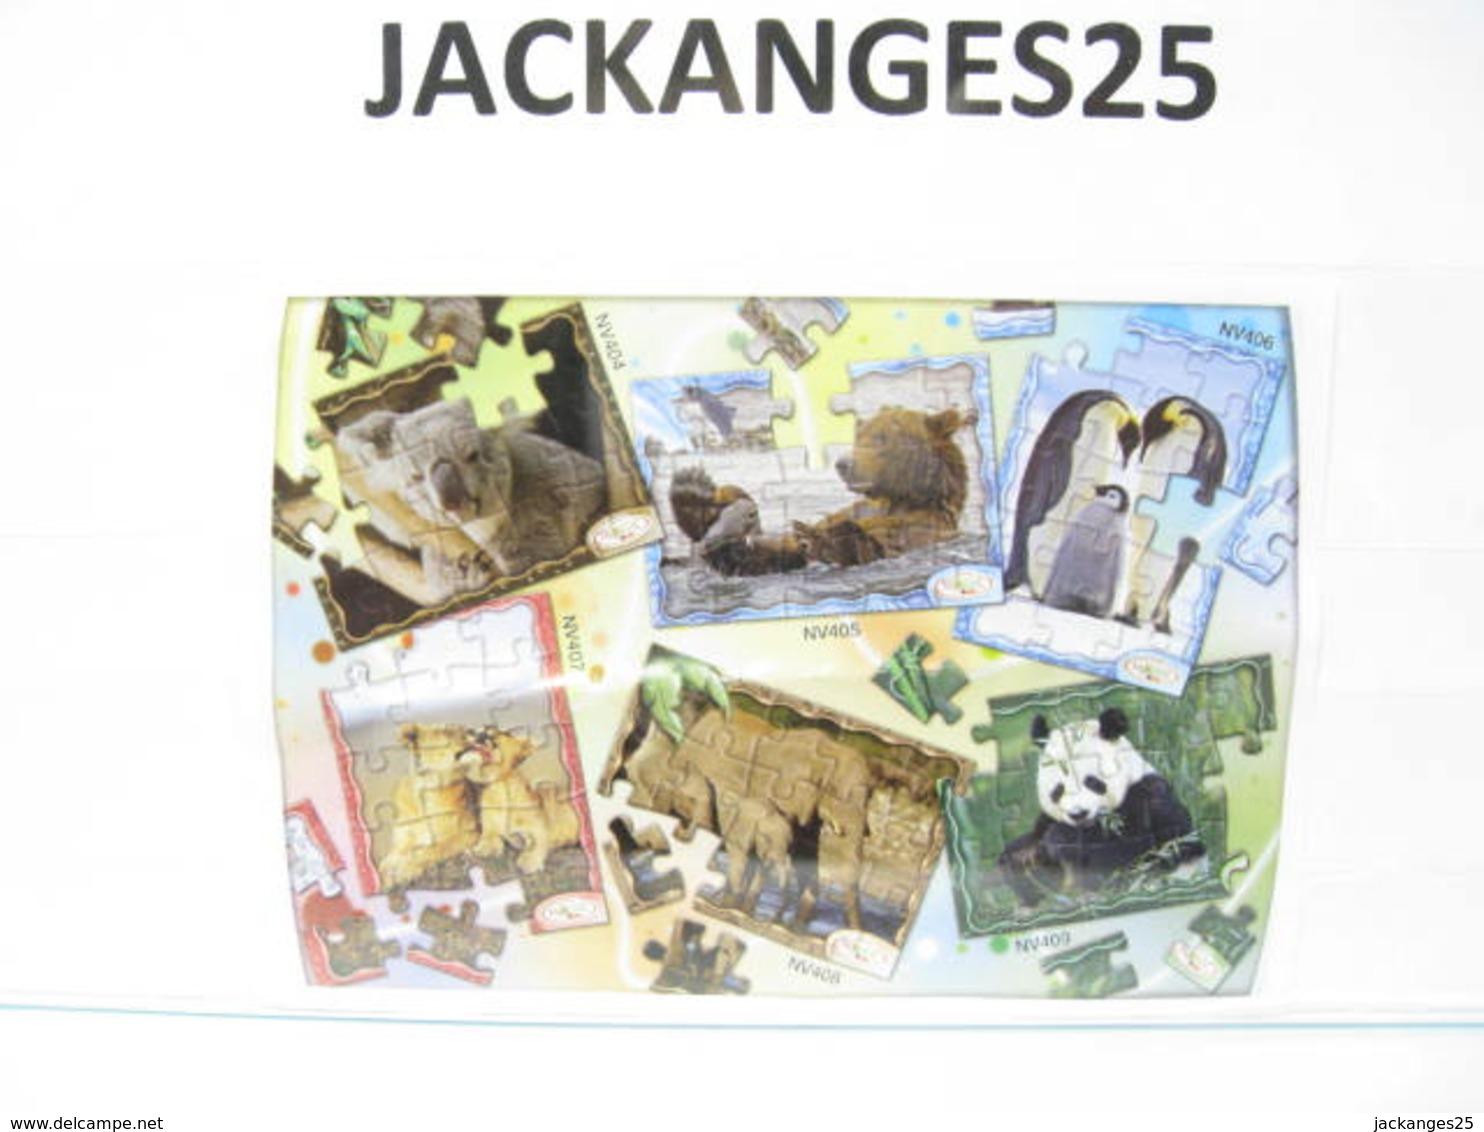 KINDER  PUZZLE  PANDA MPG NV 409 2009 / 2011 + BPZ - Puzzles